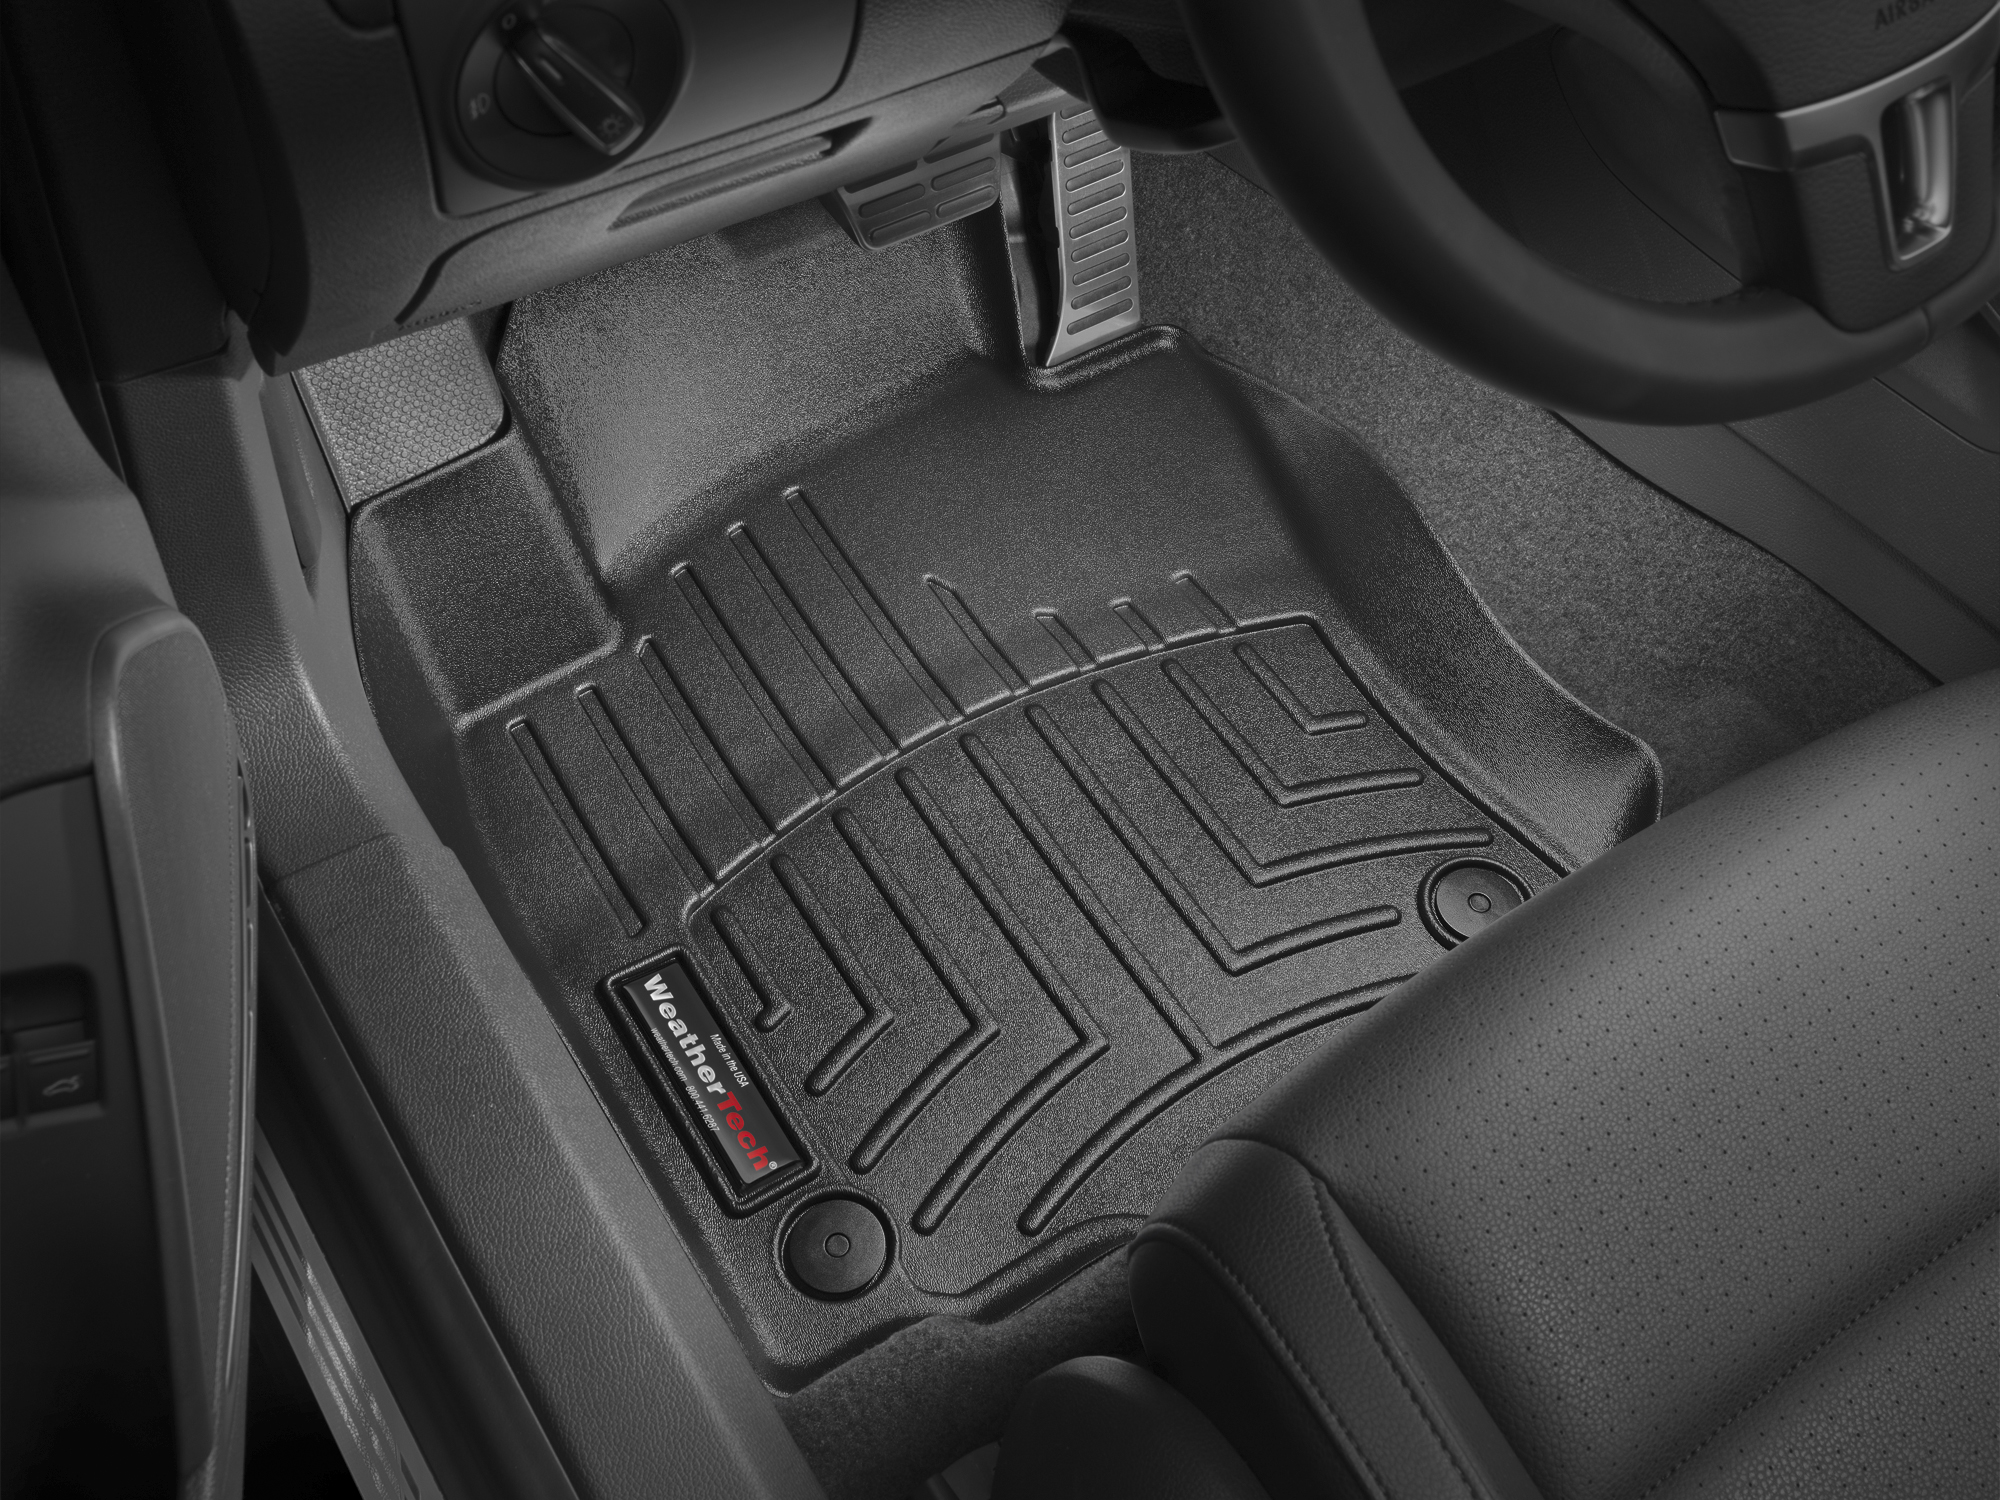 Tappeti gomma su misura bordo alto Volkswagen Golf 04>11 Nero A4036*